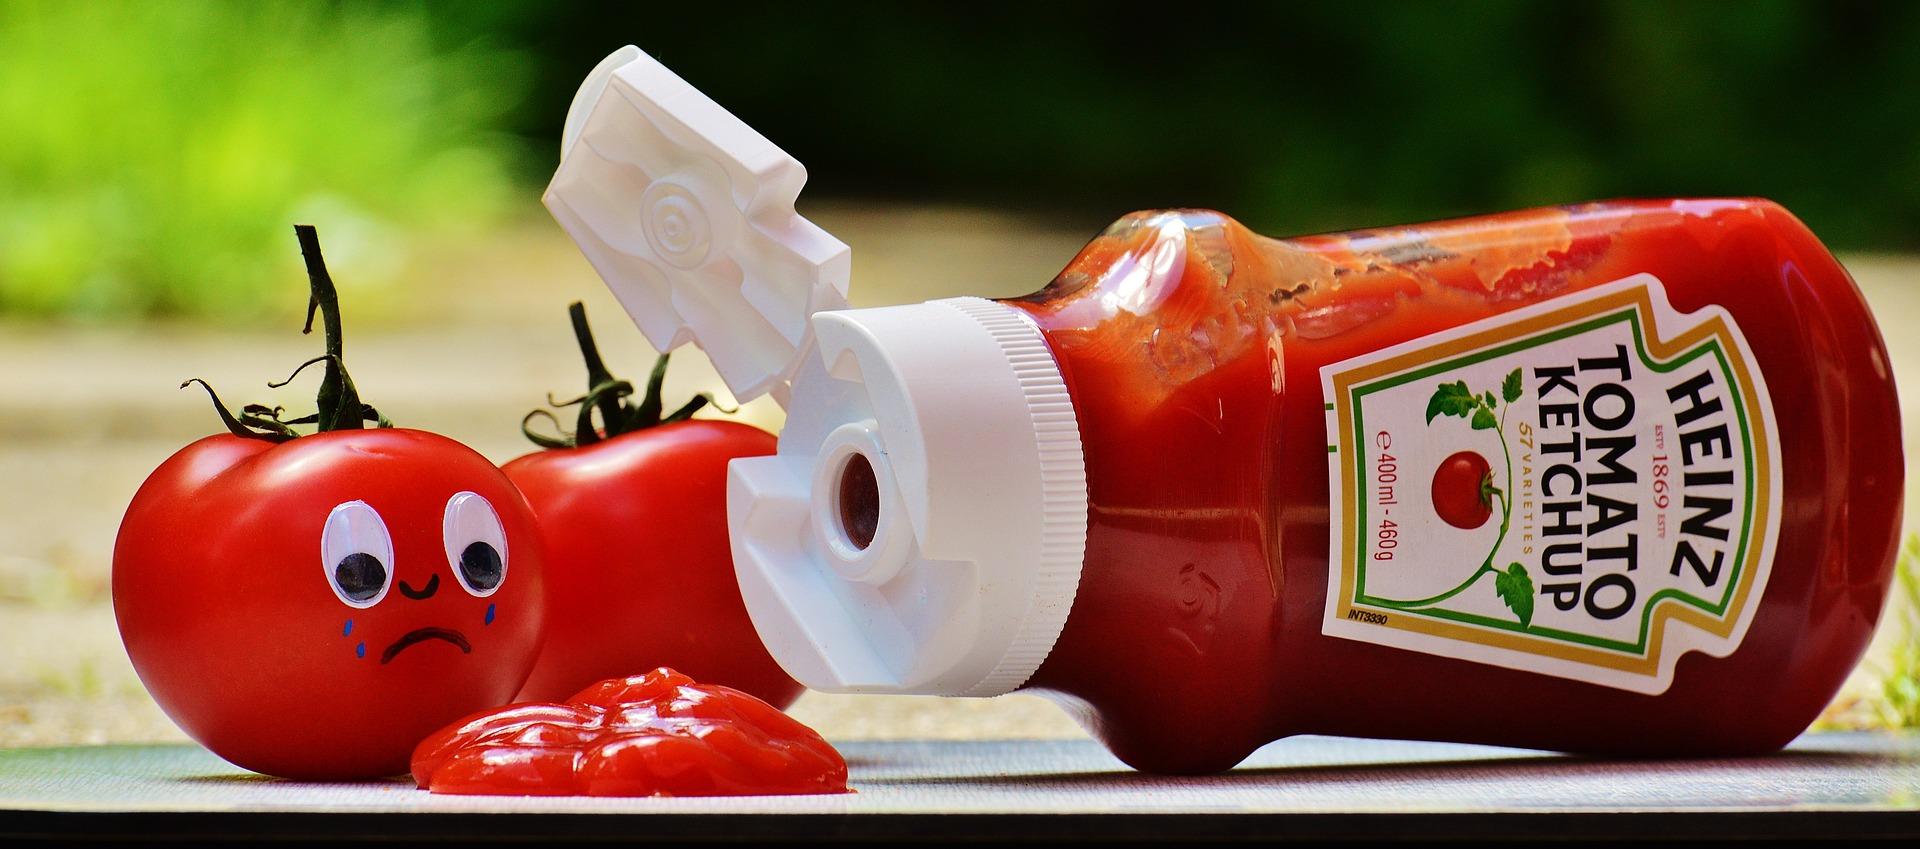 heinz-ketchup-squeeze-bottle